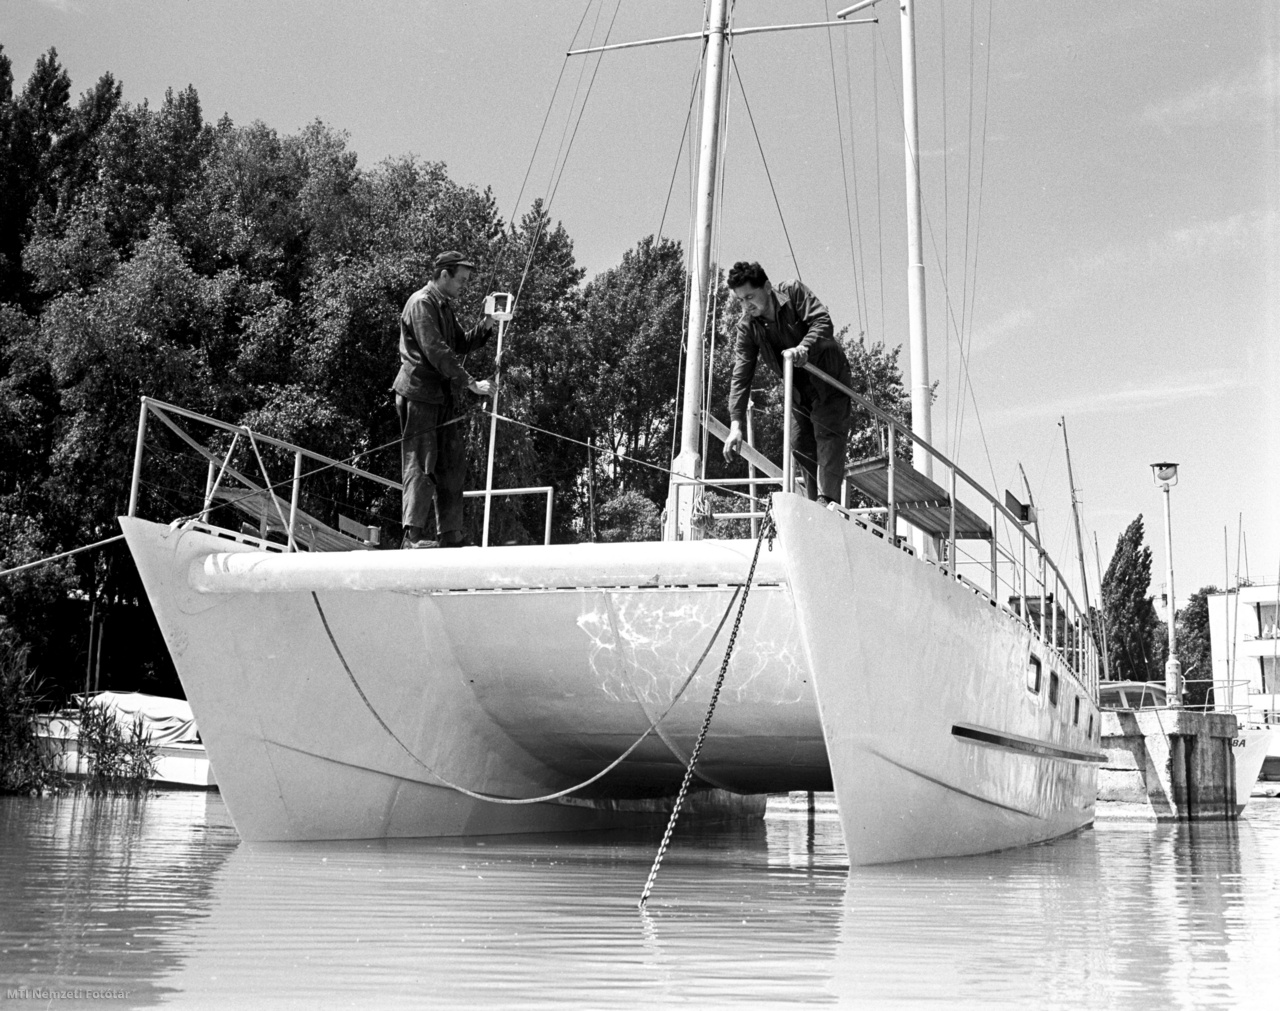 Az utolsó munkálatokat végzik a Magyar Hajó- és Darugyár váci üzemegységében készített új típusú alumíniumból gyártott katamaránhajón a balatonfüredi öbölben 1968. május 23-án